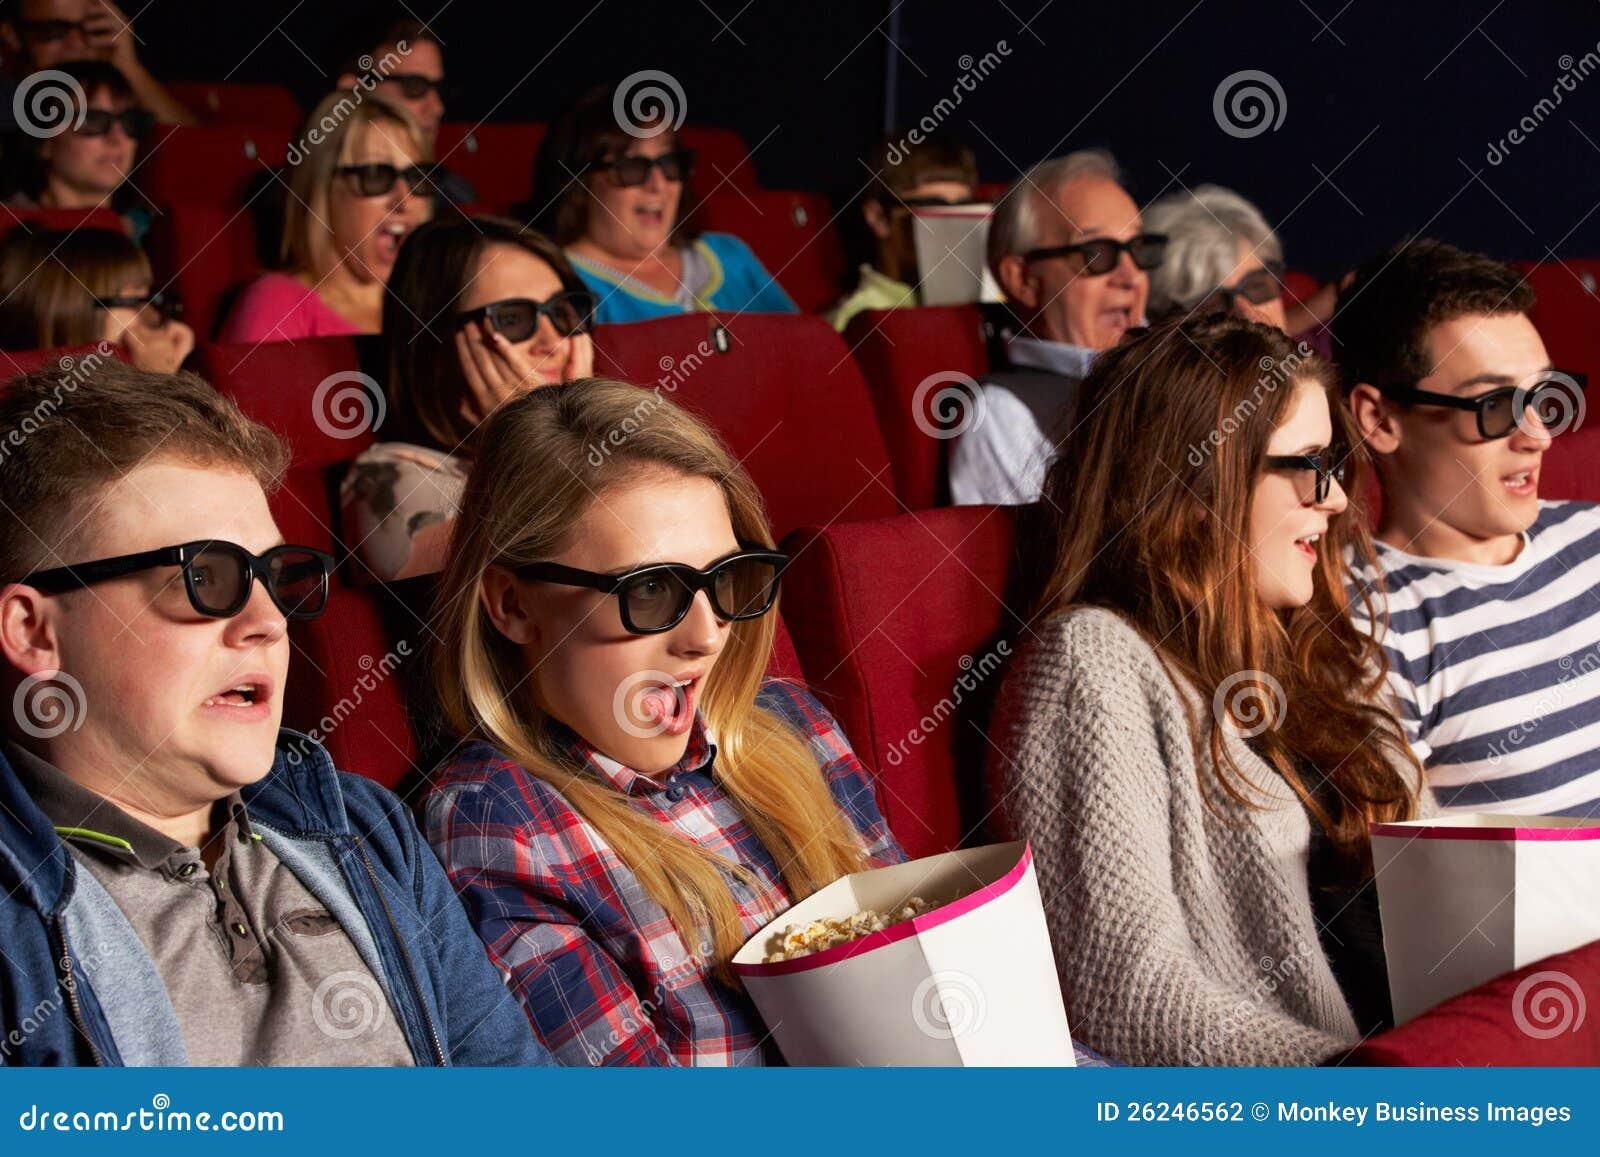 Εφηβικοί φίλοι που προσέχουν την τρισδιάστατη ταινία στον κινηματογράφο